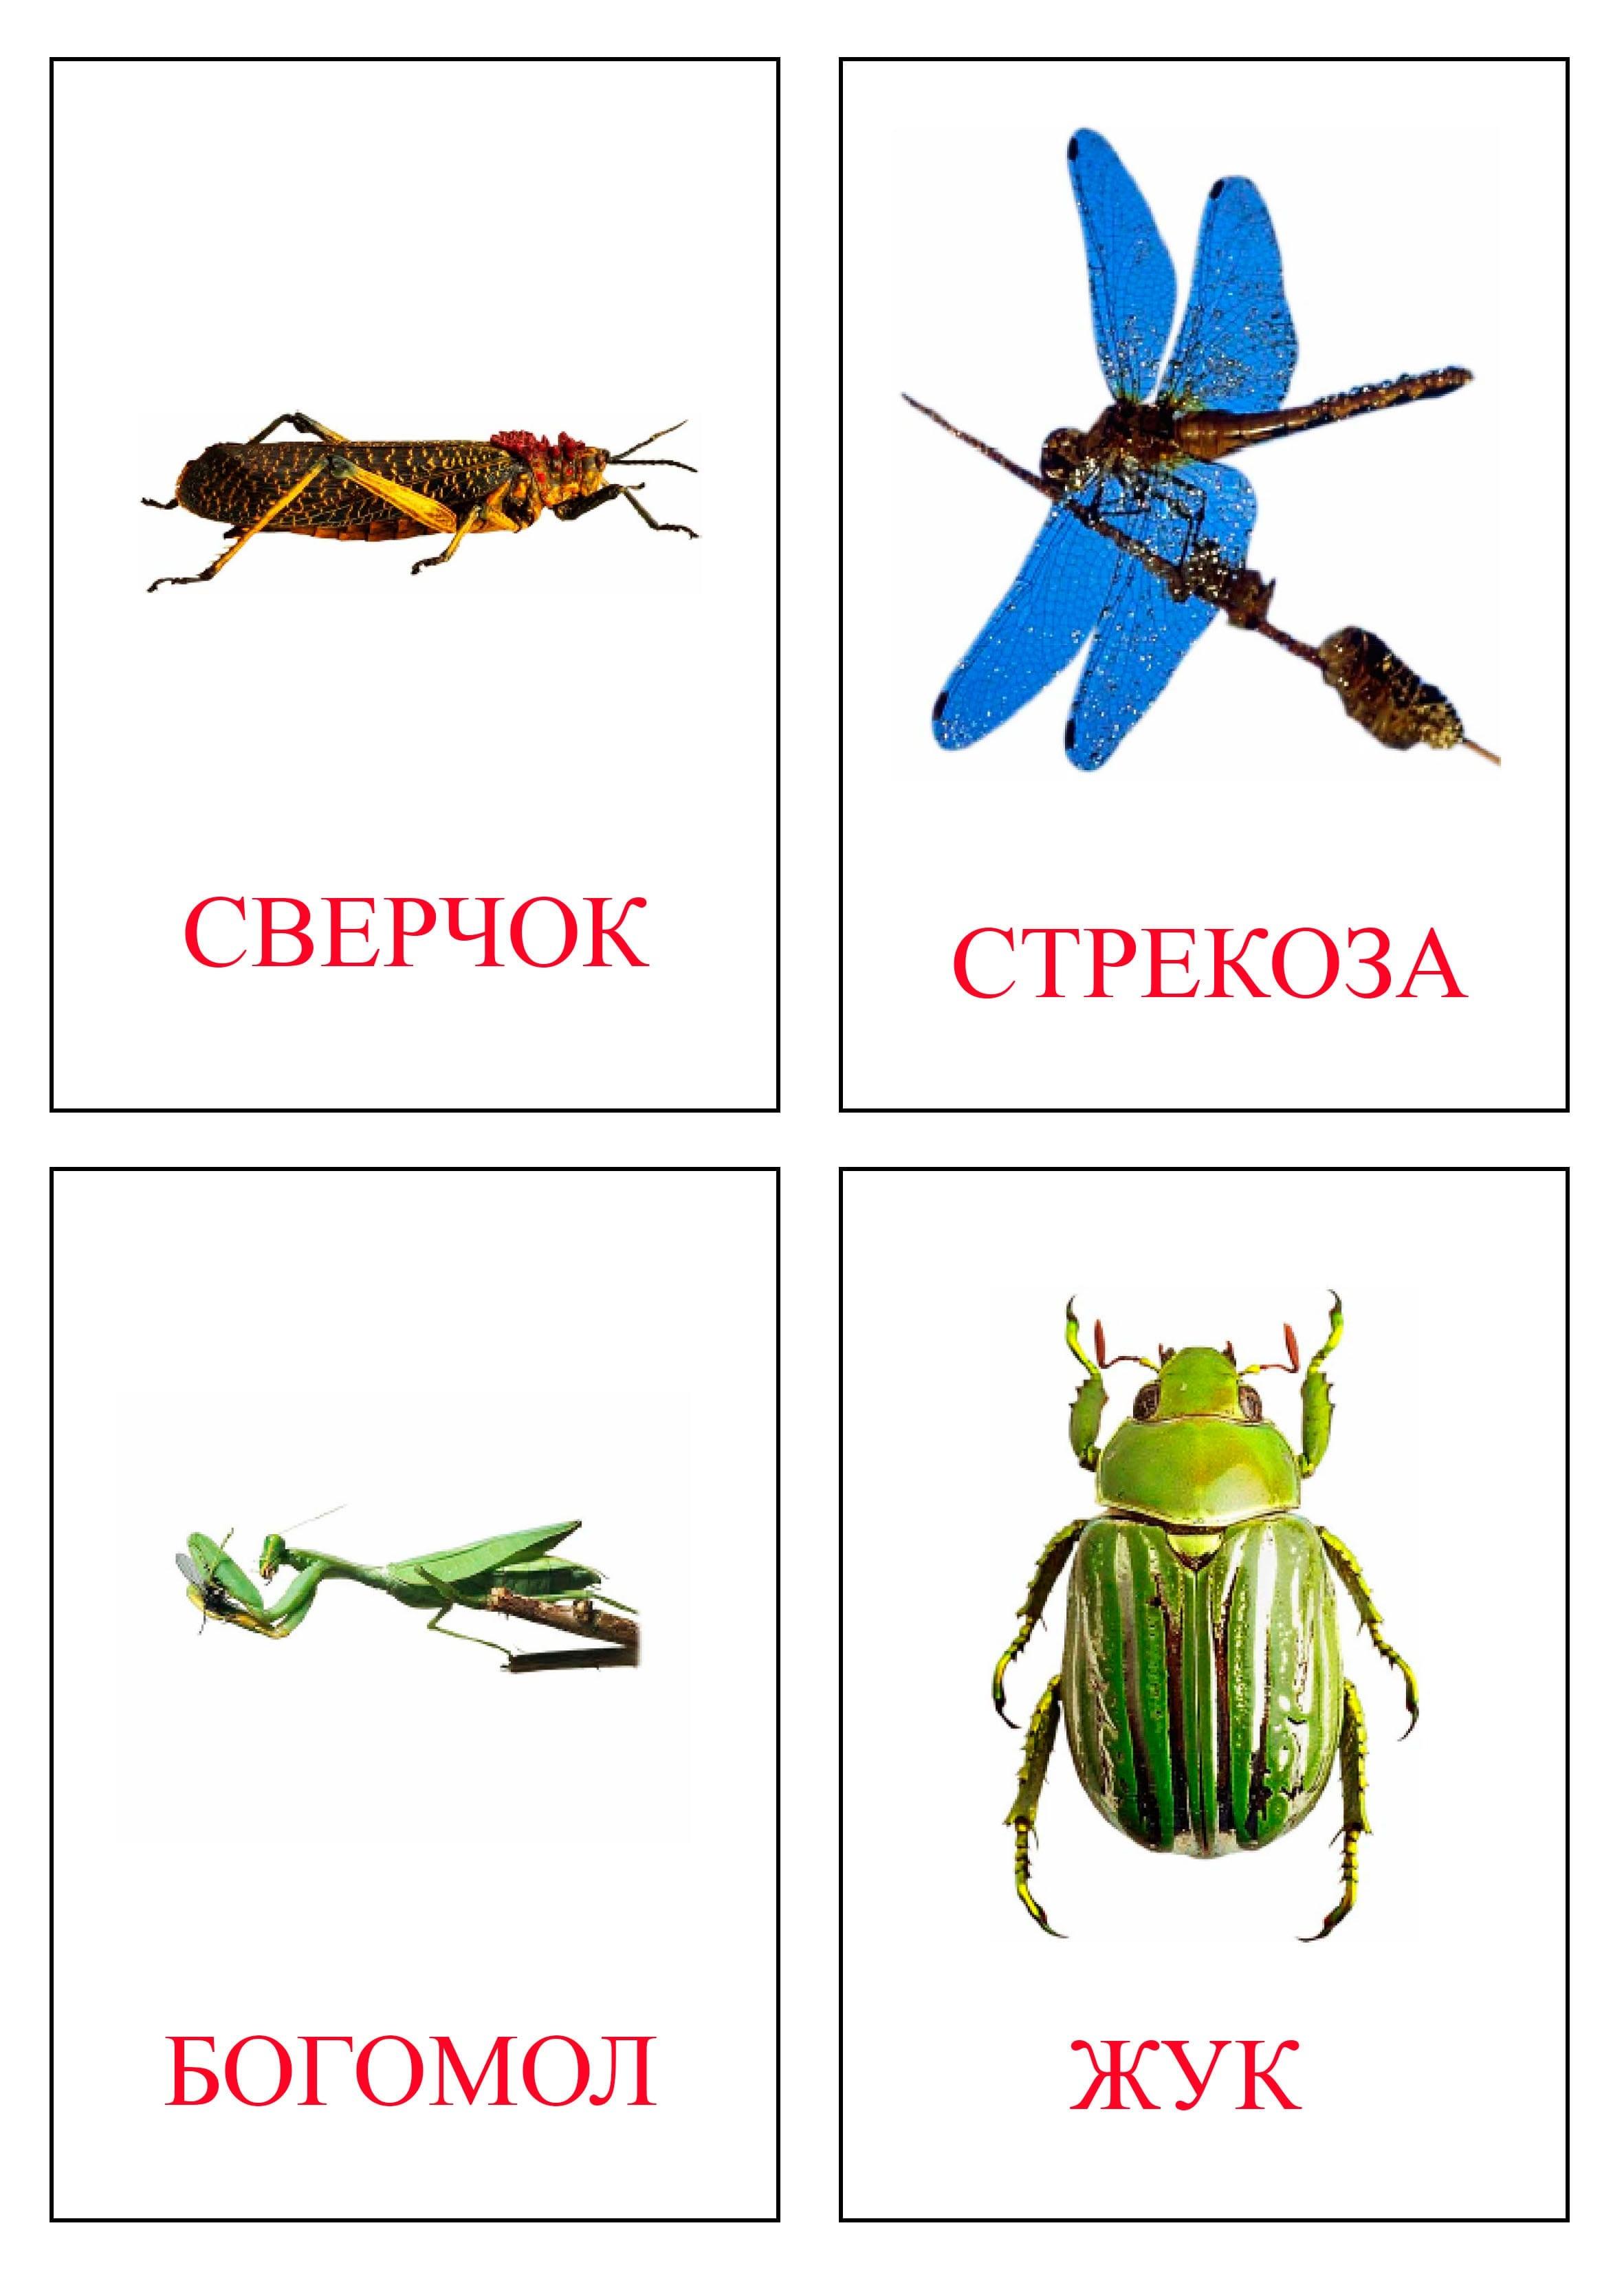 Насекомые фото для детей с названиями